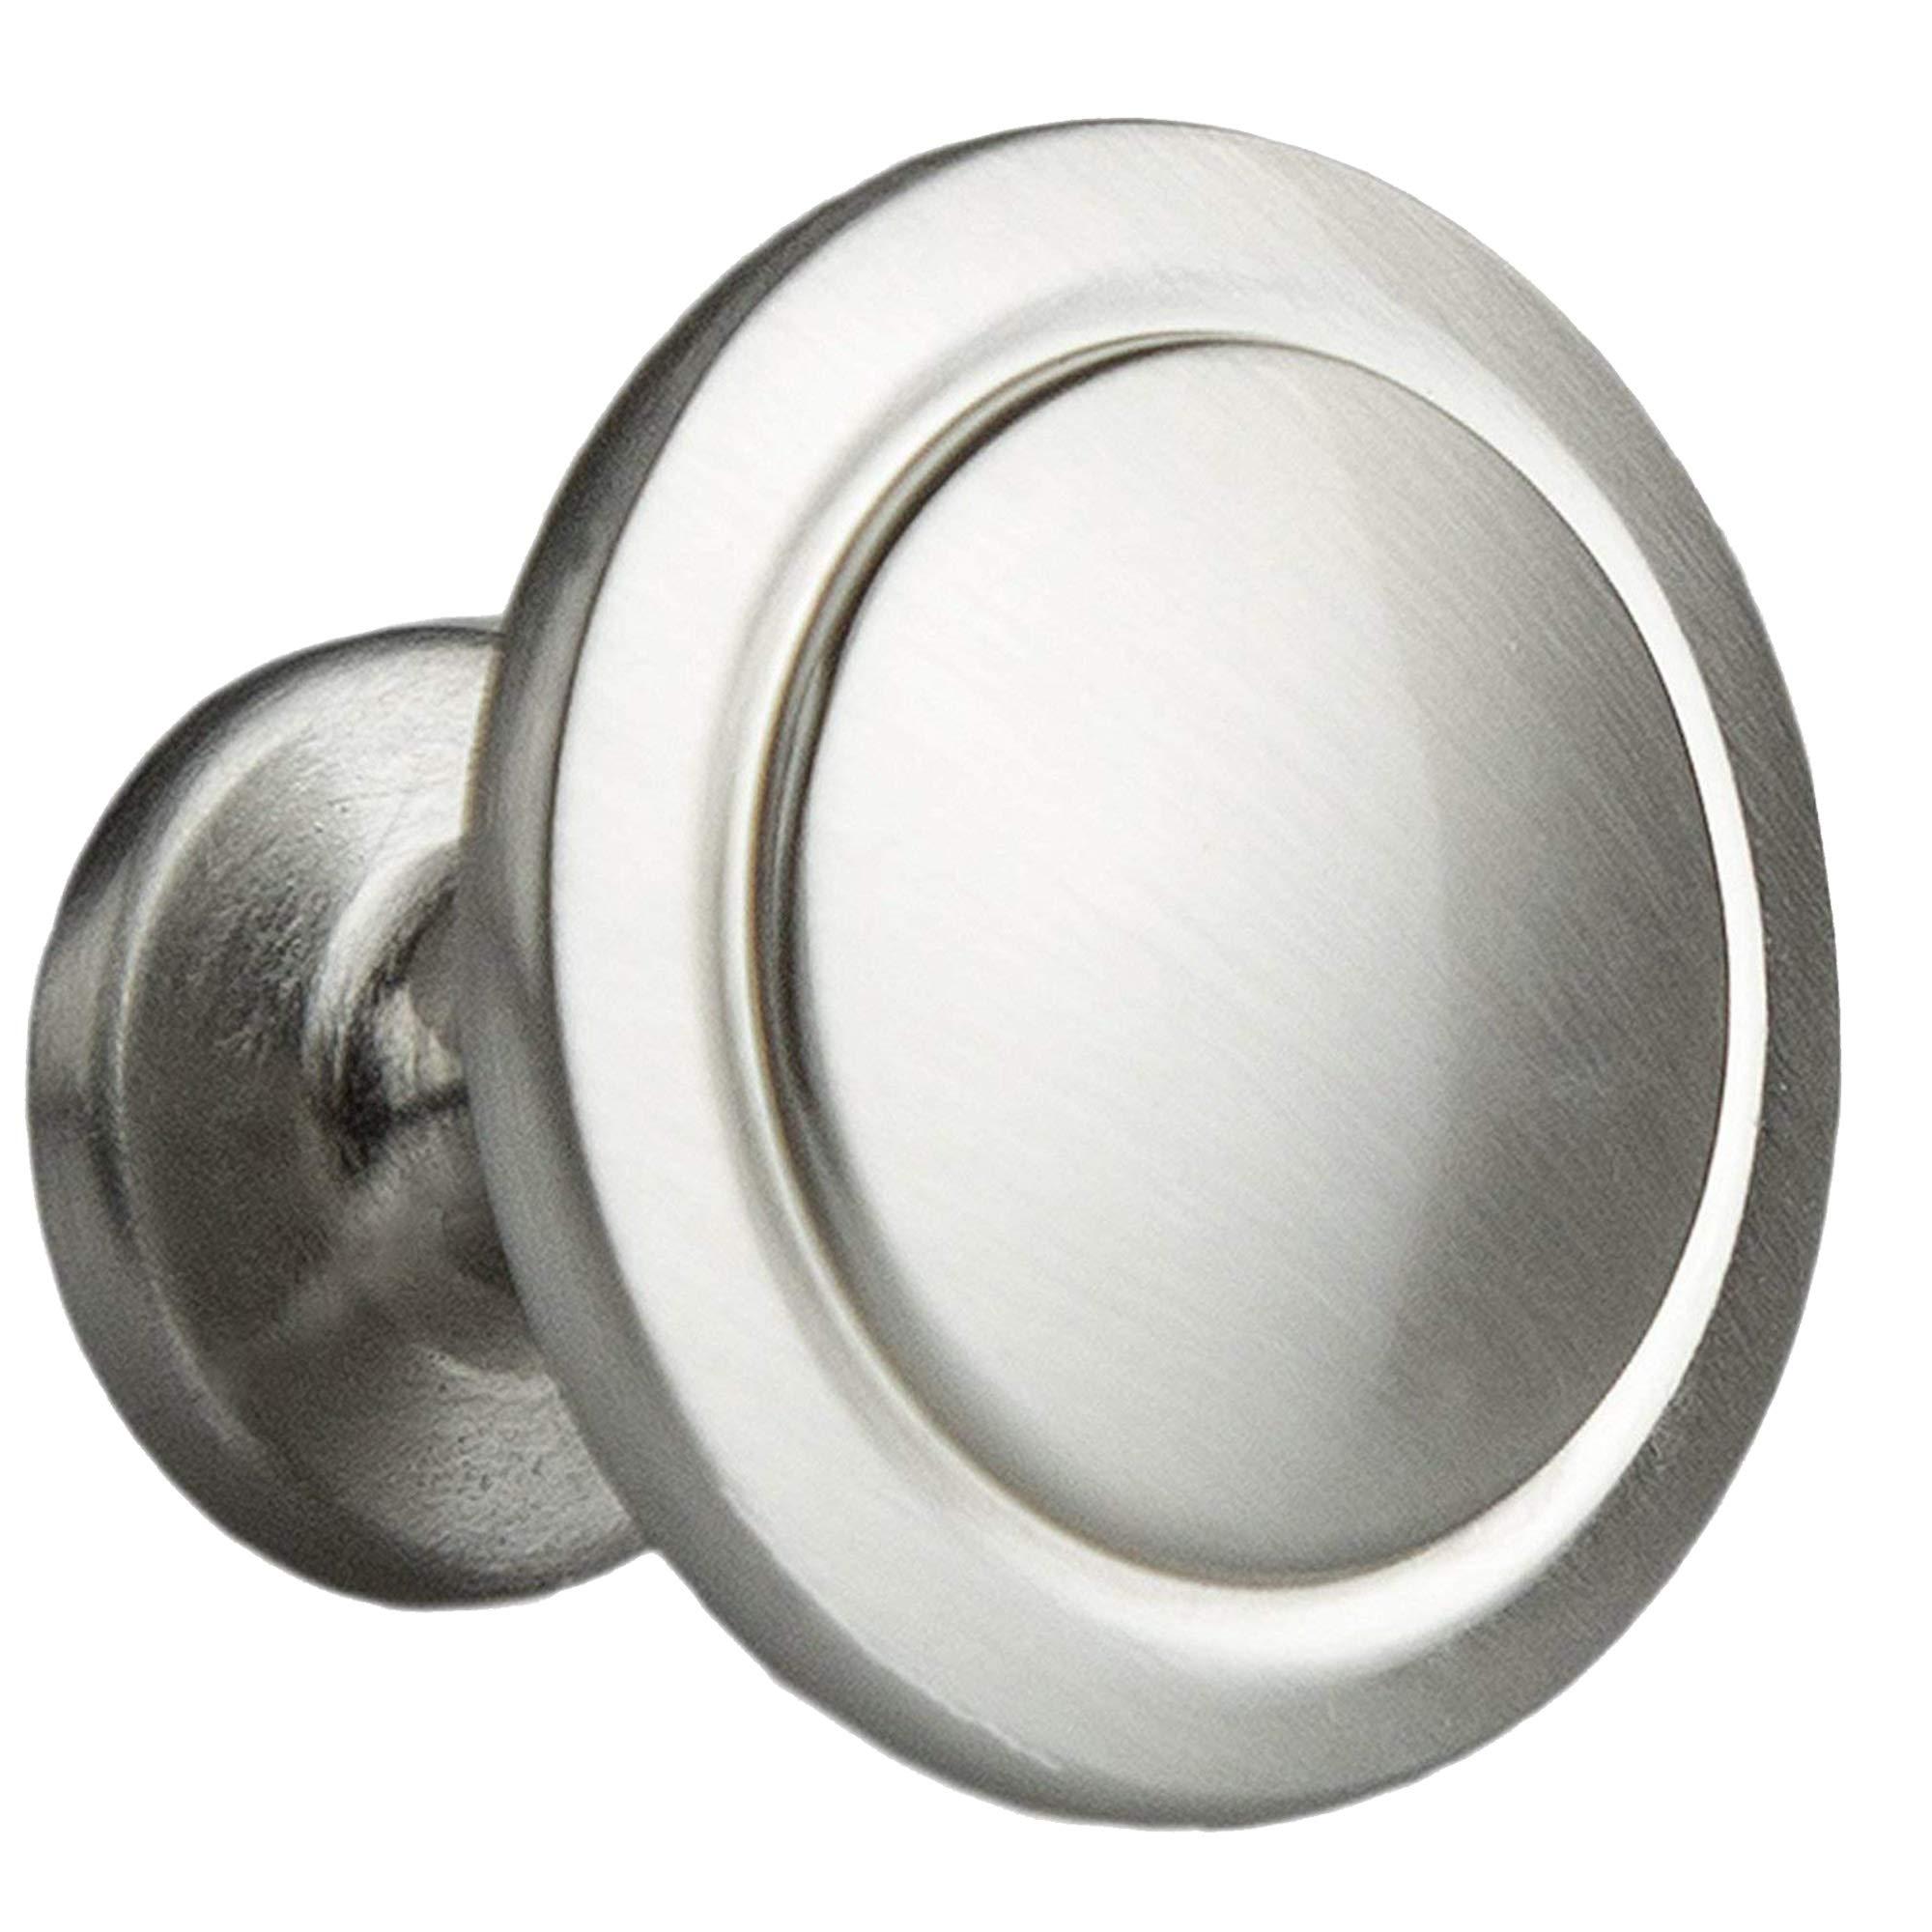 Satin Nickel 50 Cabinet Round Knob 1-1//4-inch Diameter 1-1//4-inch Diameter